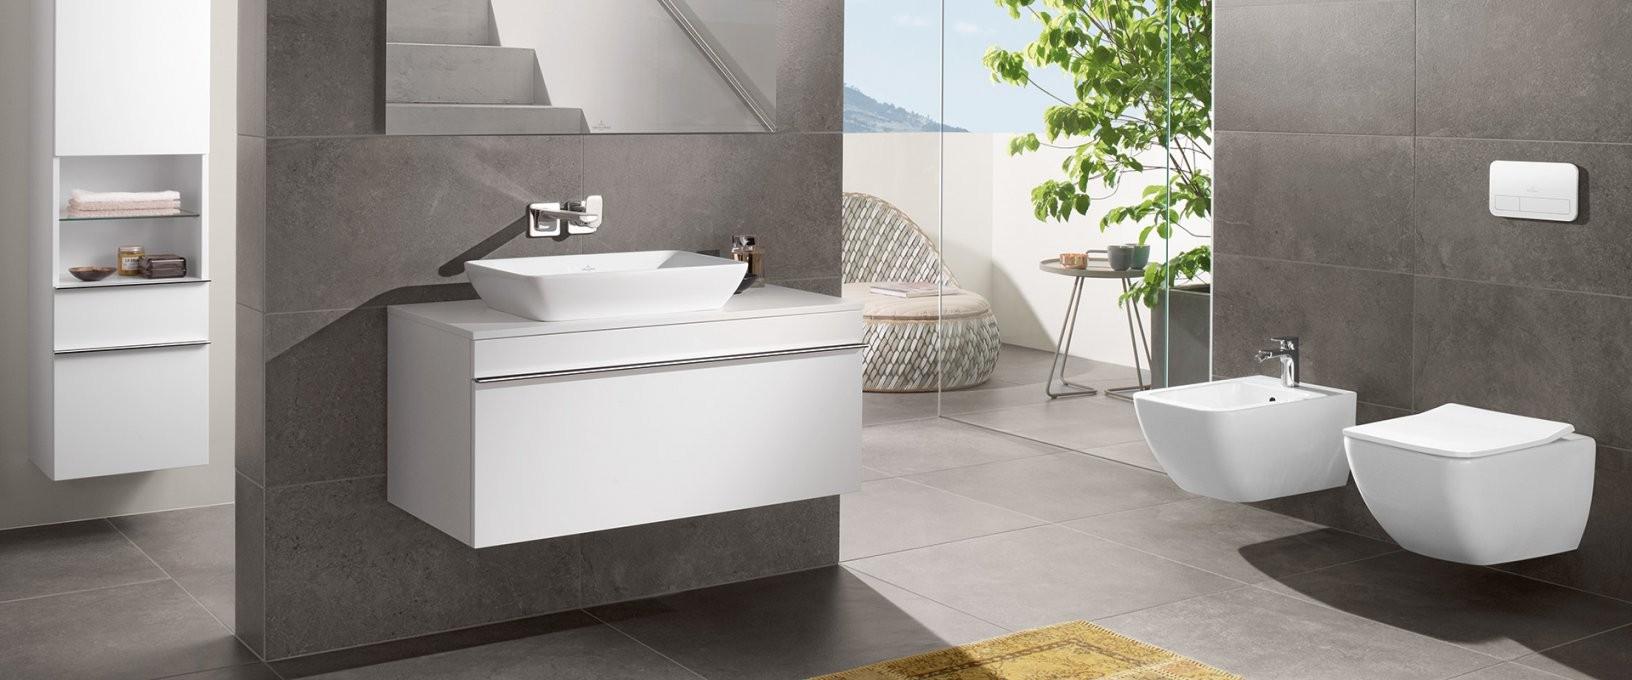 Kollektion Venticello Von Villeroy & Boch – Design Auf Ganzer Linie von Villeroy Und Boch Bad Waschbecken Bild